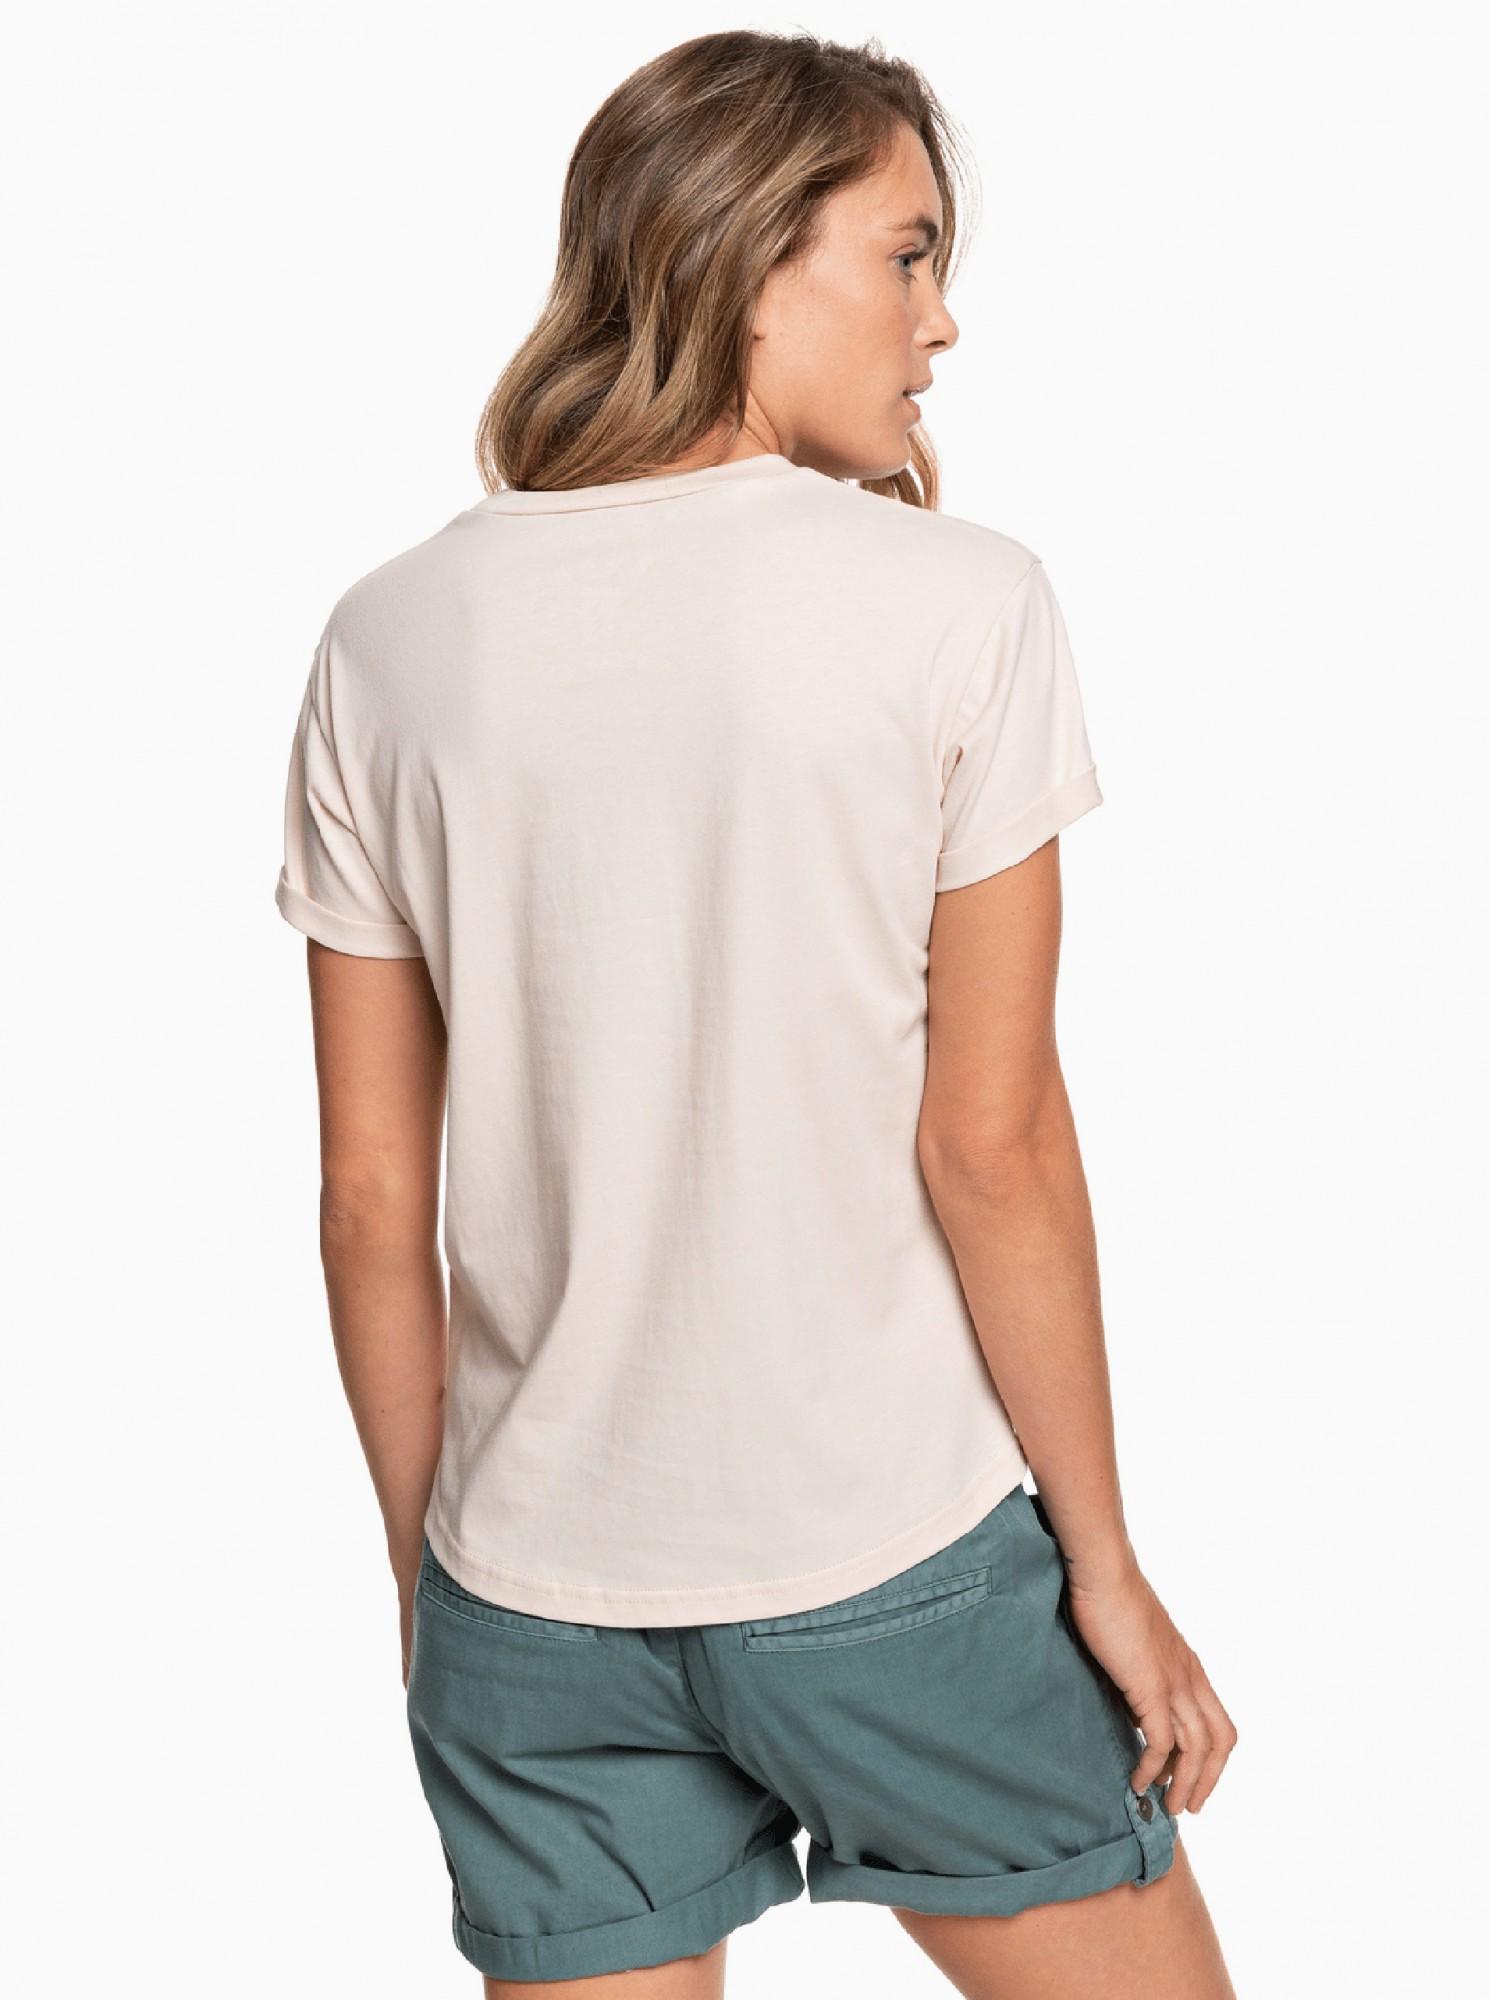 Roxy powdery T-shirt with print